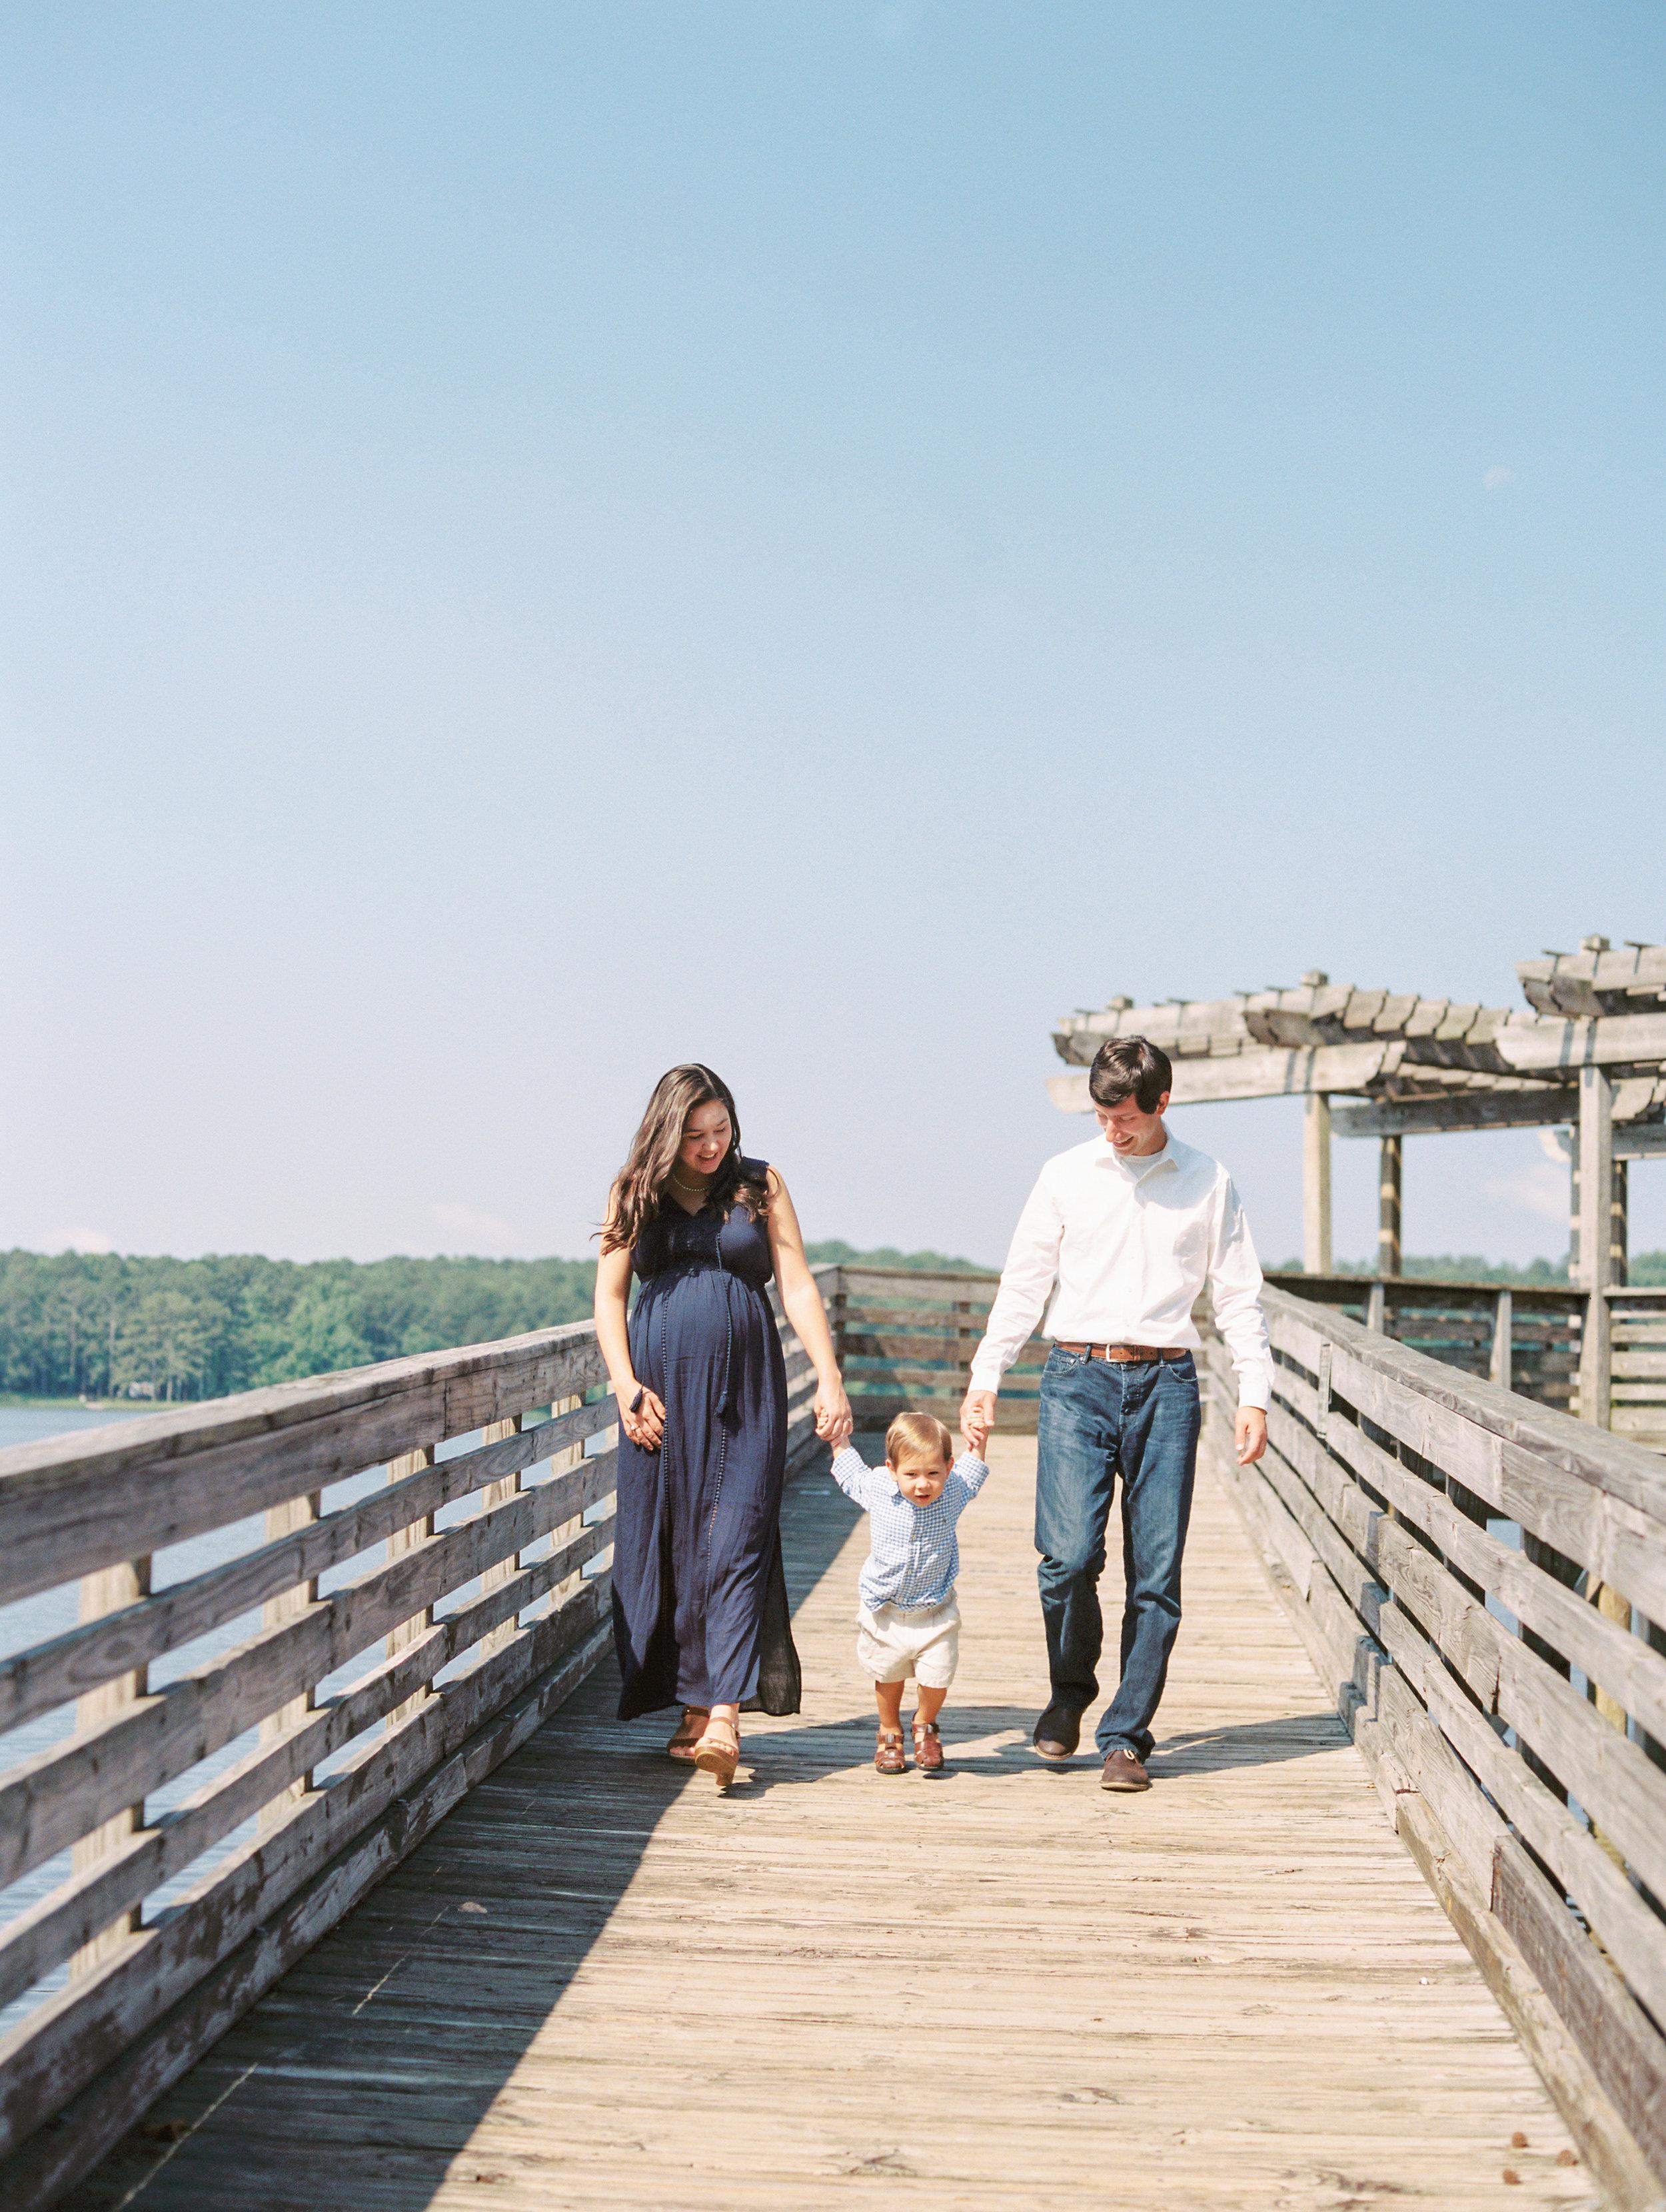 acworth-cauble-beach-kennesaw-family-photographer-christina-pugh.jpg